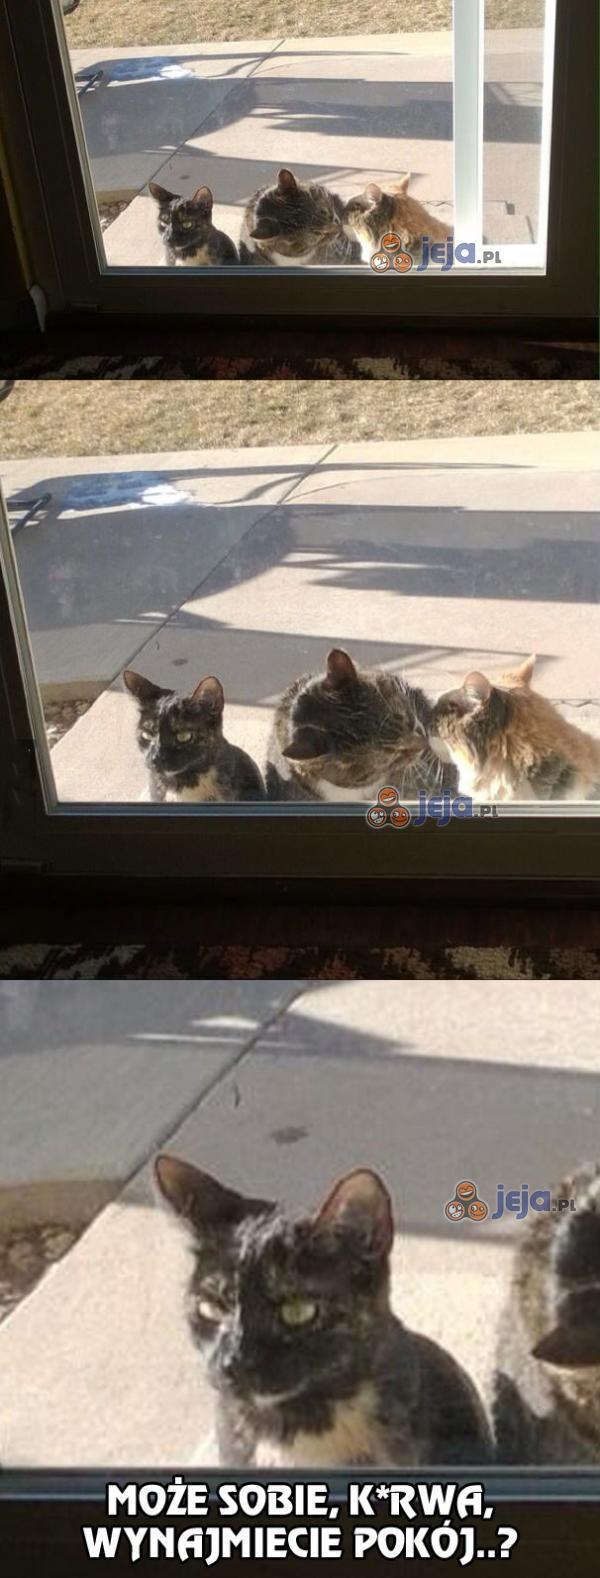 Zazdrosny jesteś koteł?